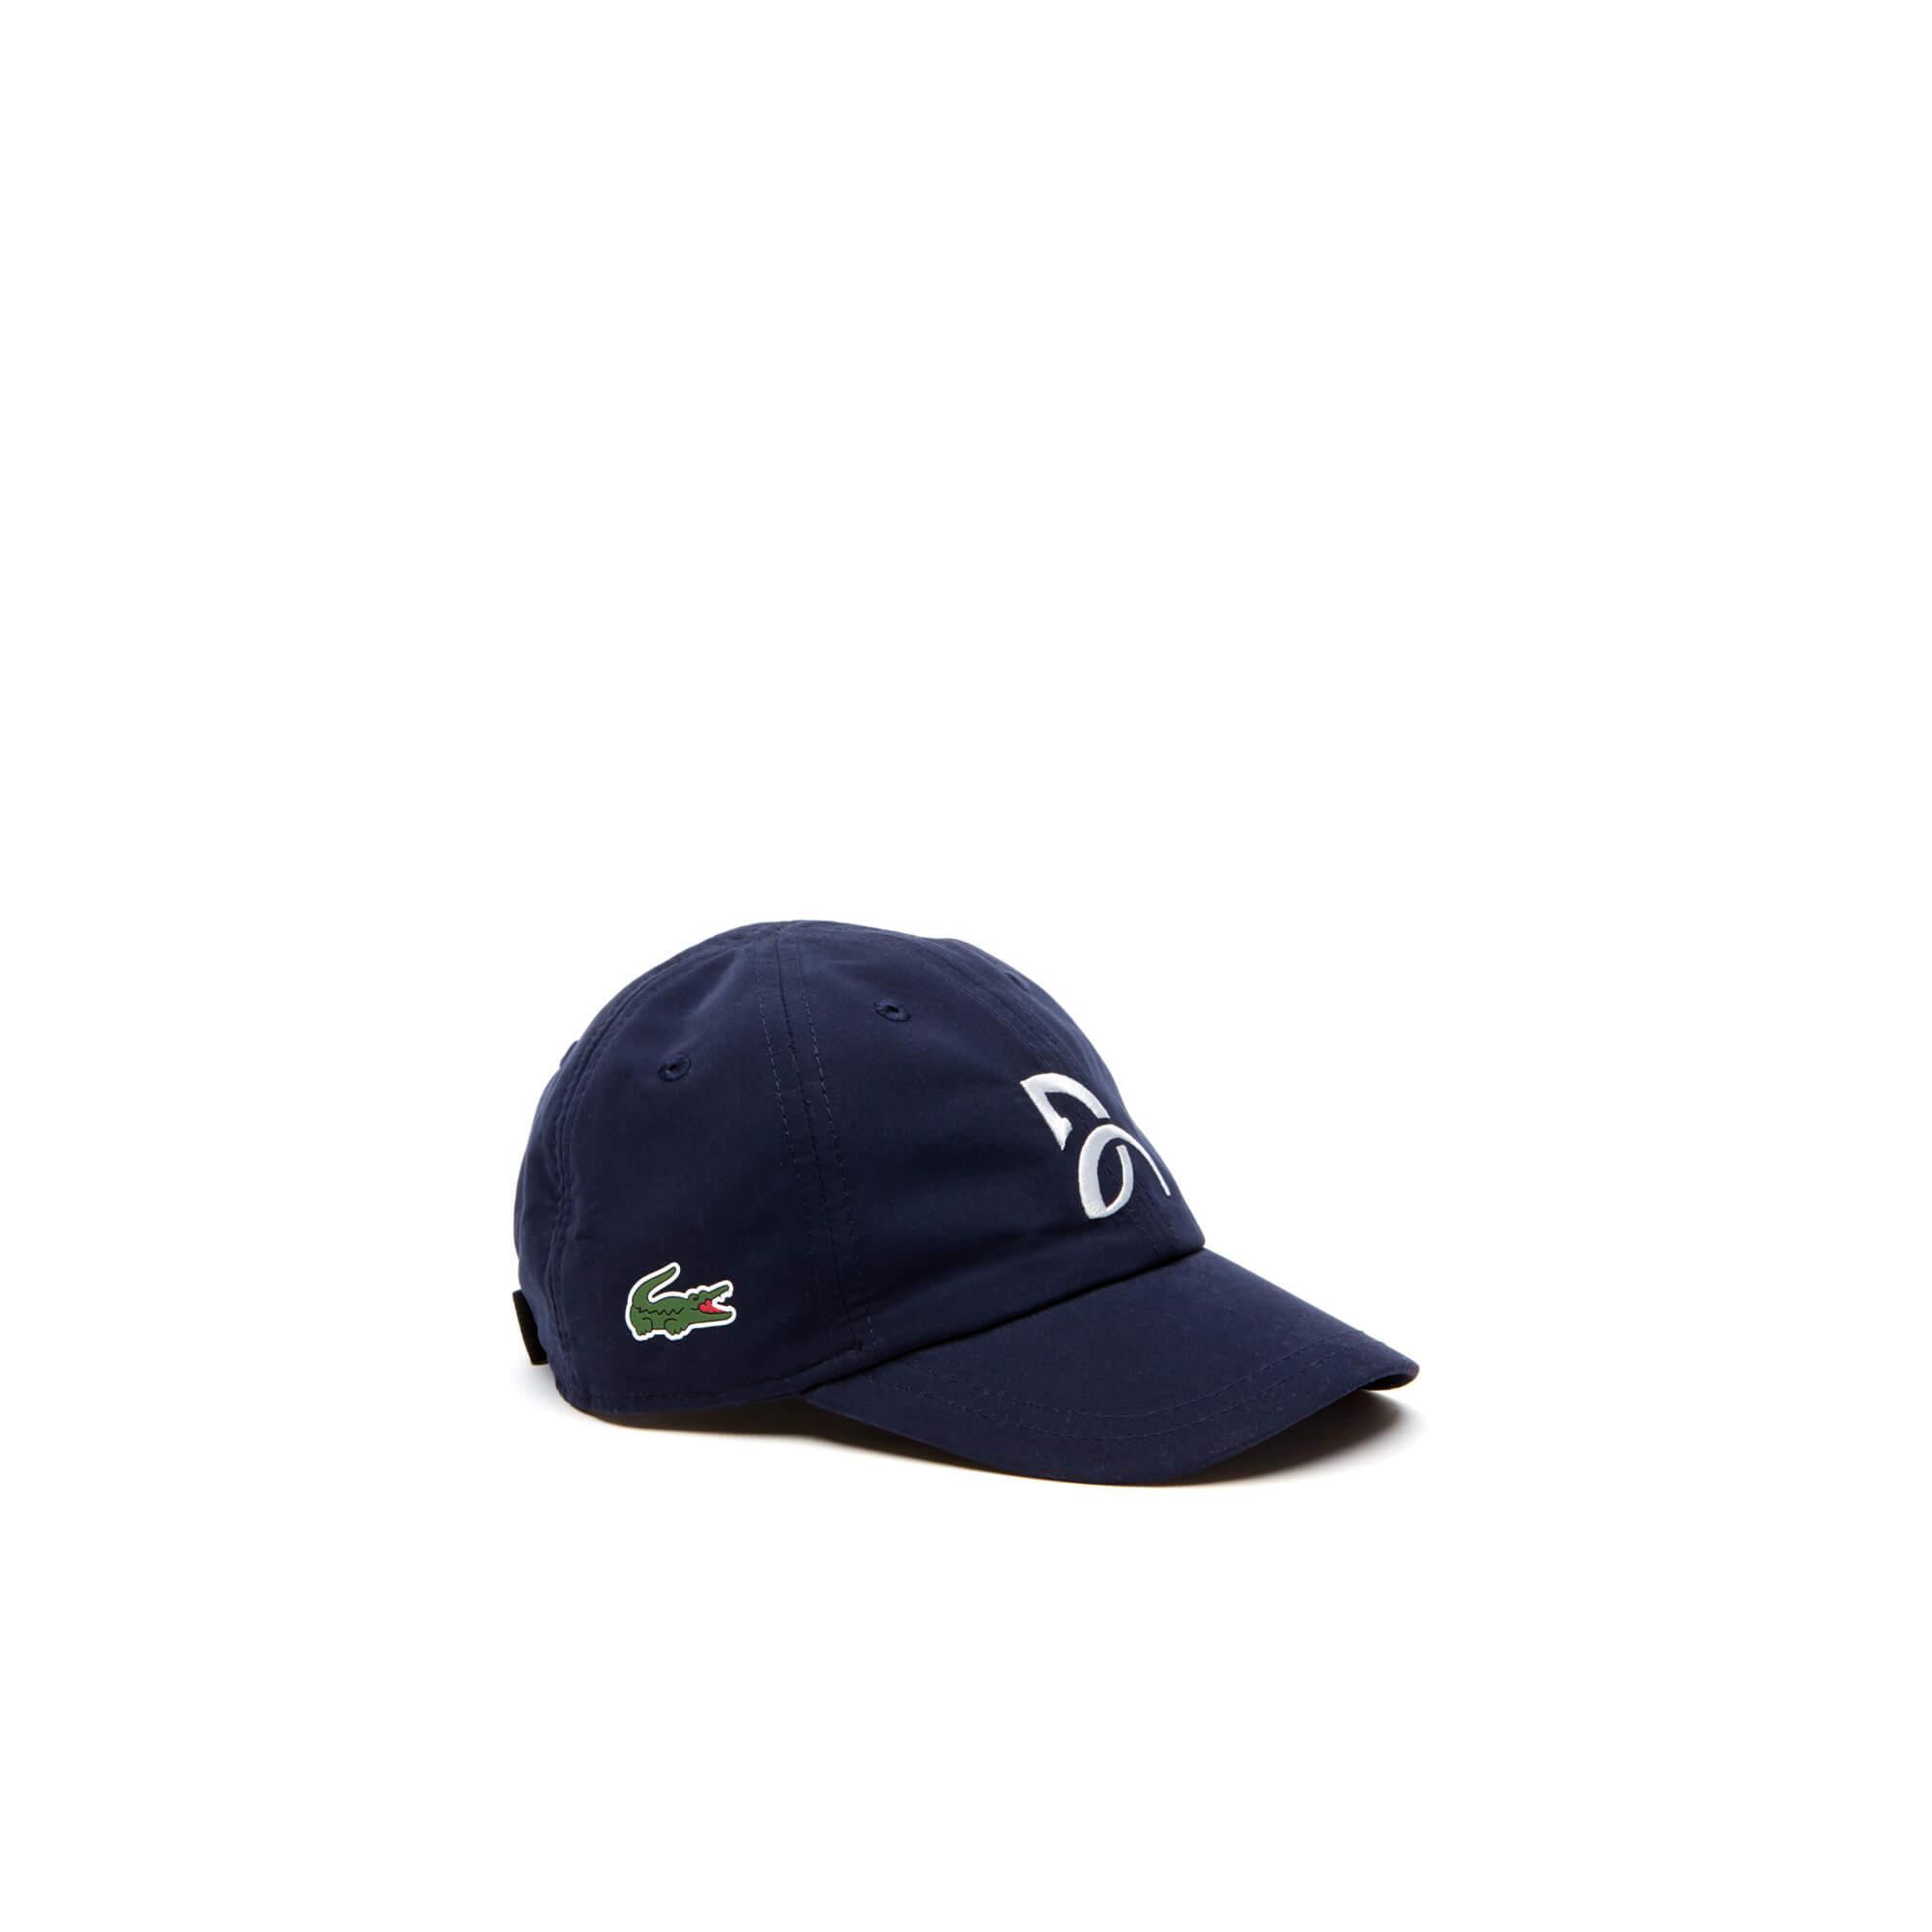 Lacoste Erkek Çocuk Lacivert Şapka